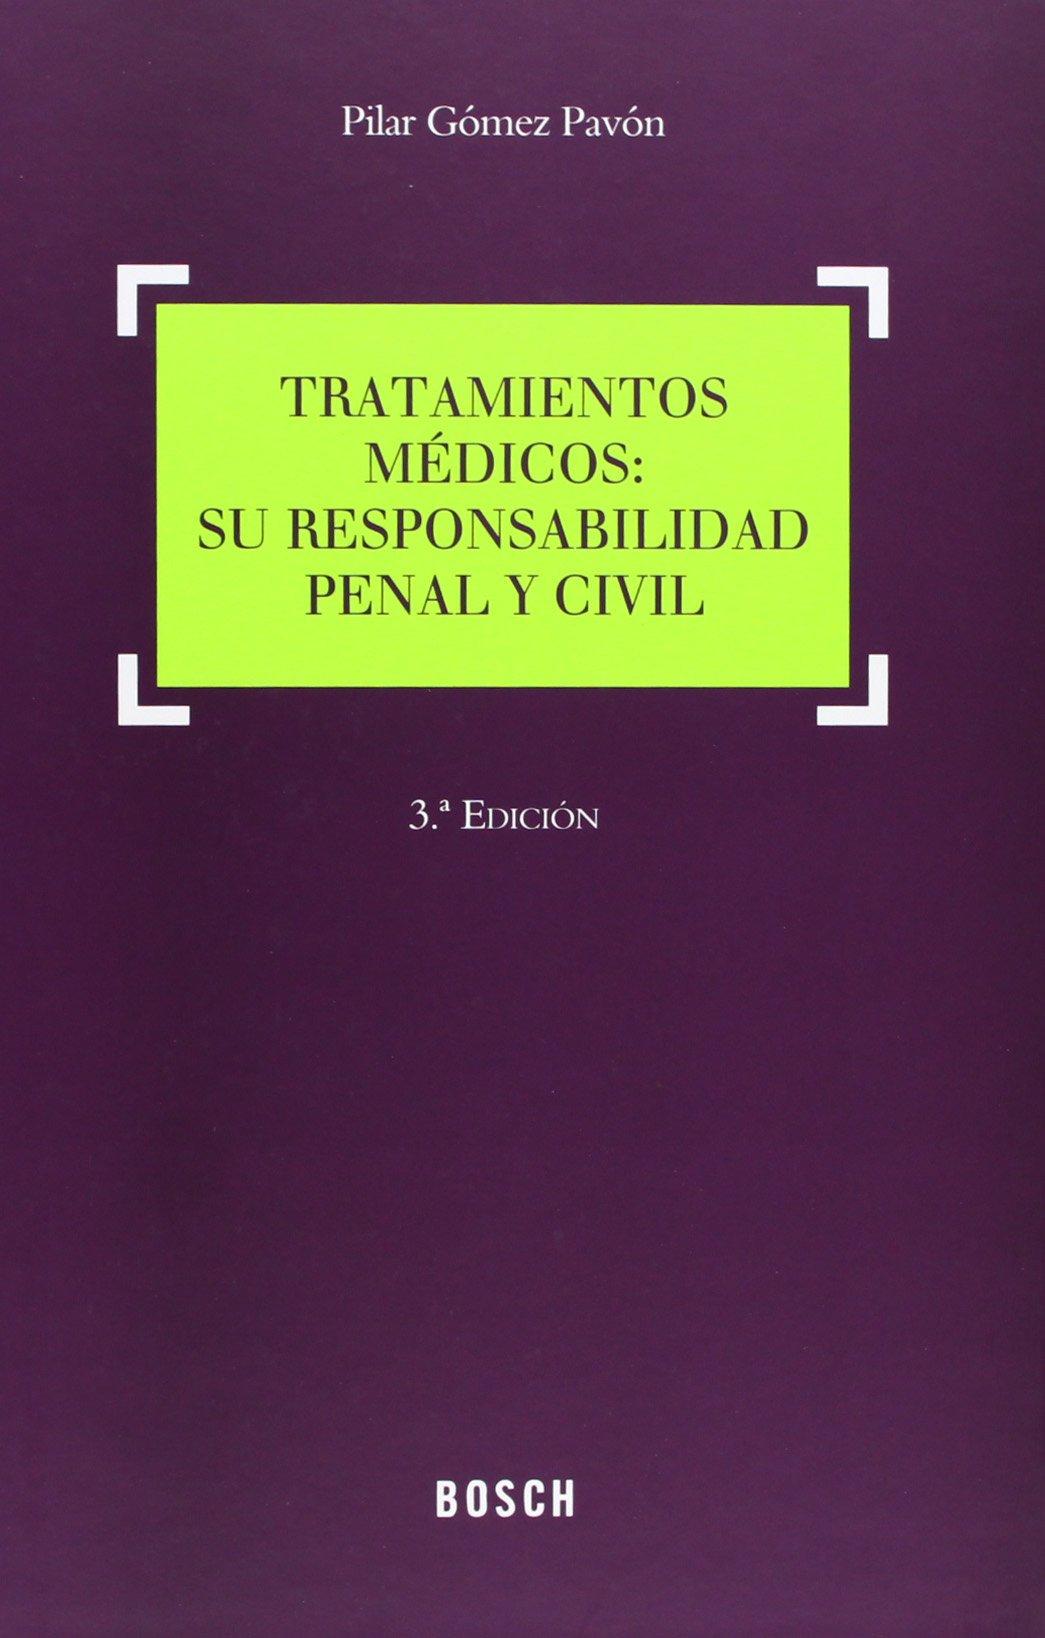 Tratamientos médicos: Su responsabilidad penal y civil PDF